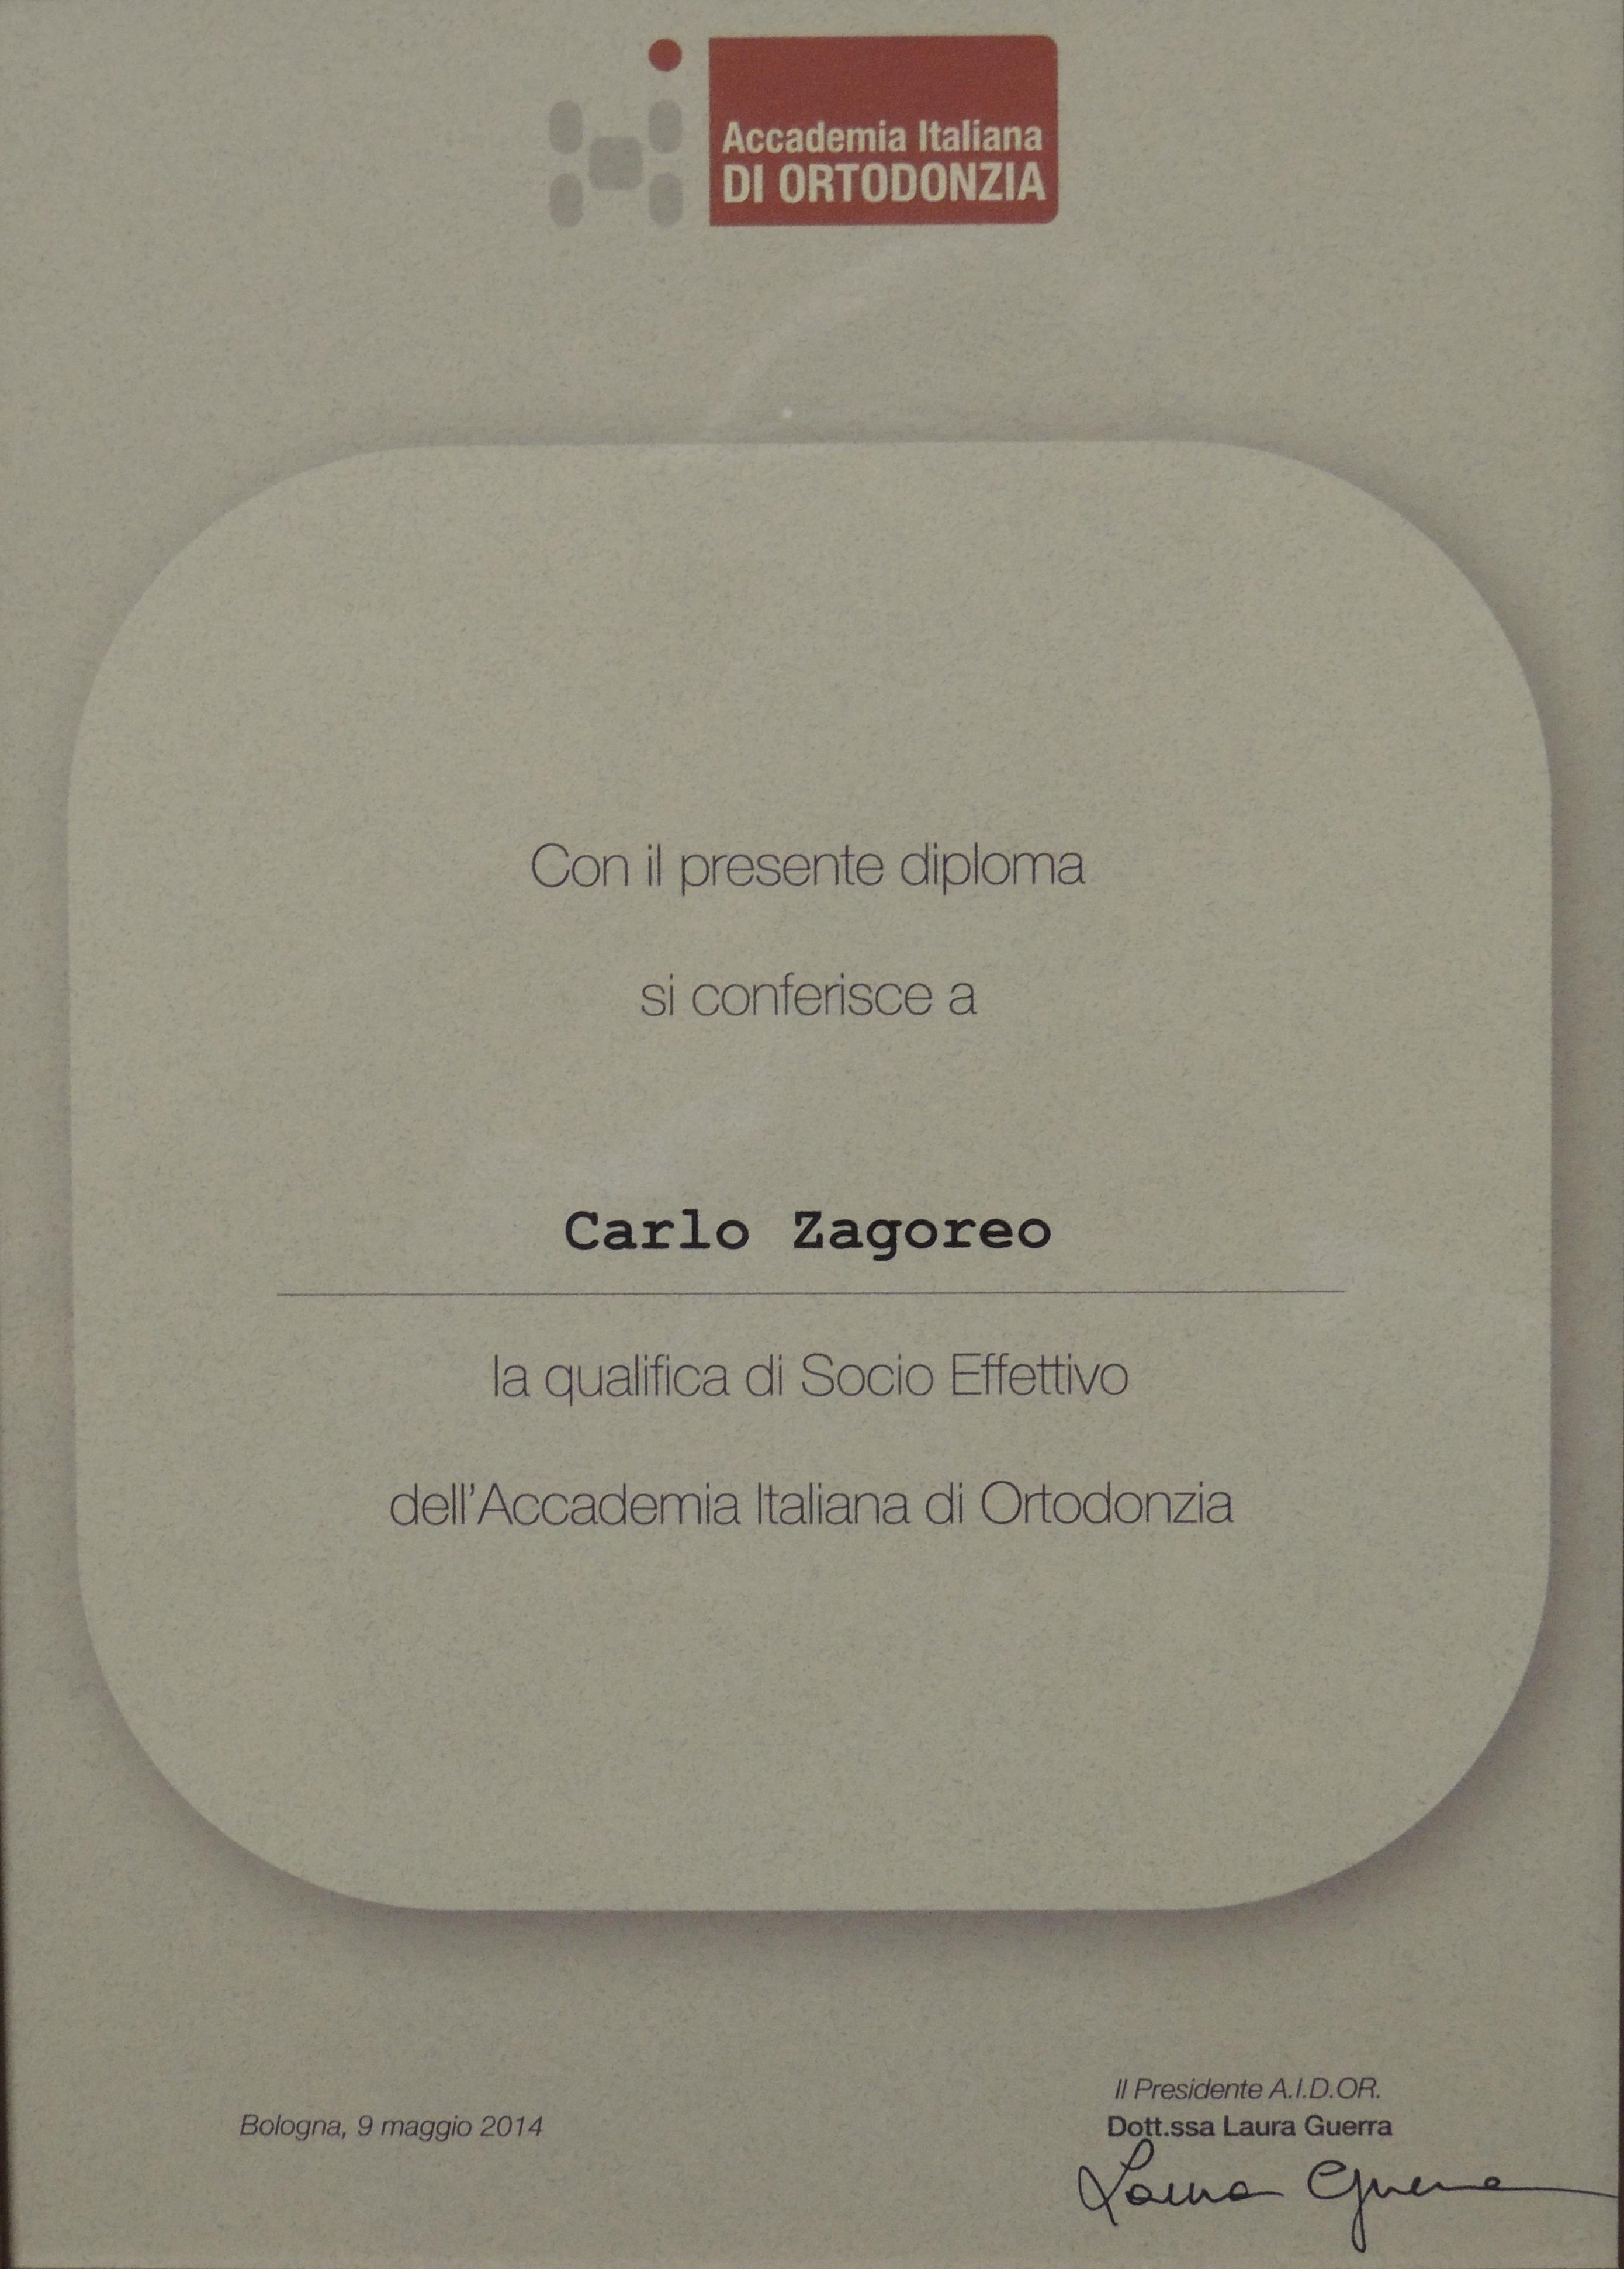 Socio attivo accademia italiana ortodonzia